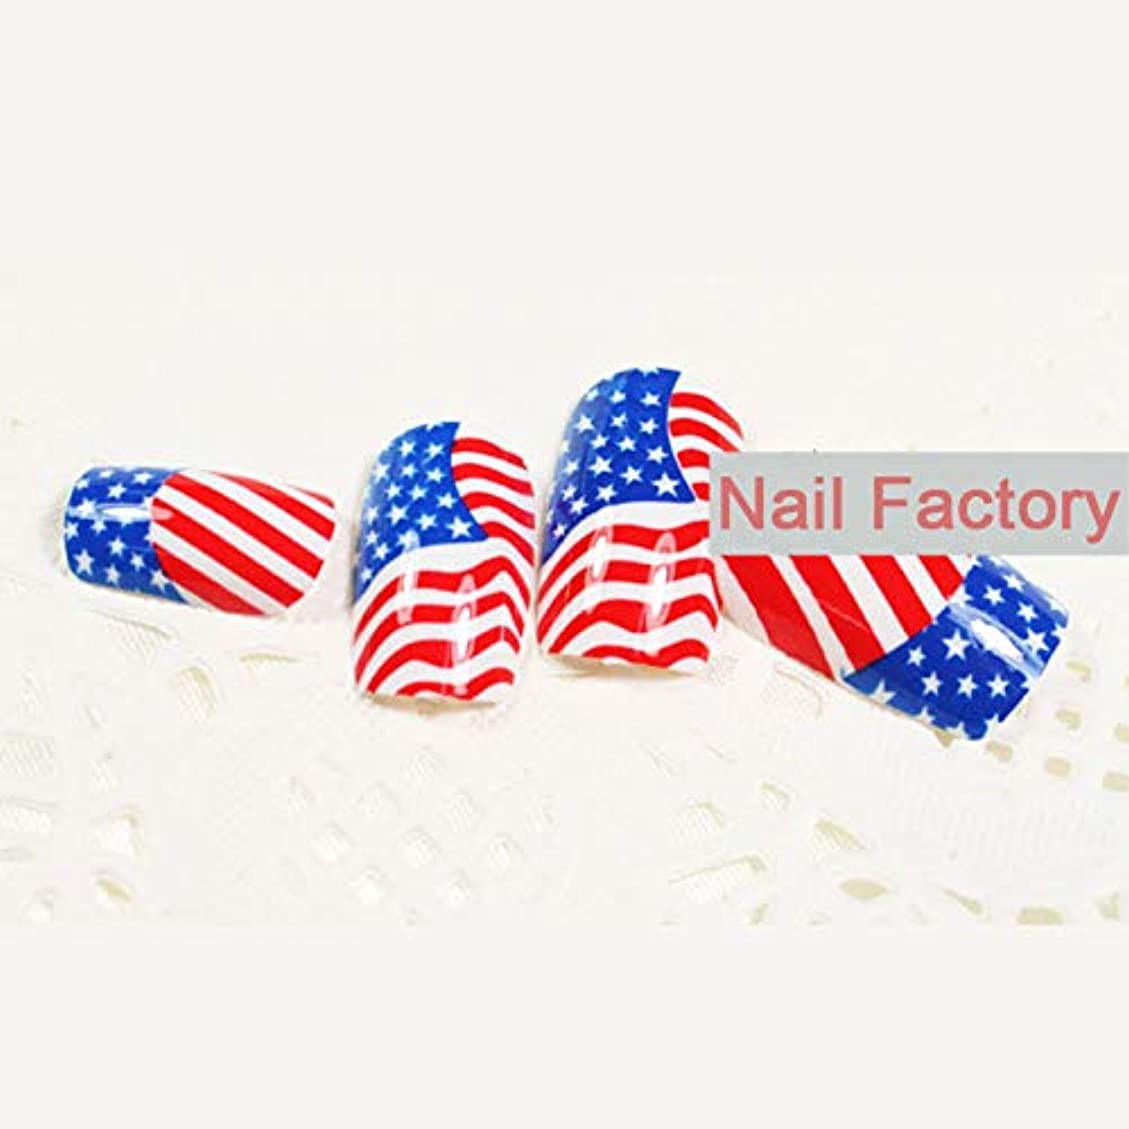 オピエート式微視的ネイルのヒント24個/セットアメリカ国旗デザイン偽の釘アクリルネイルアートと接着剤美容ファッションアメリカの国旗